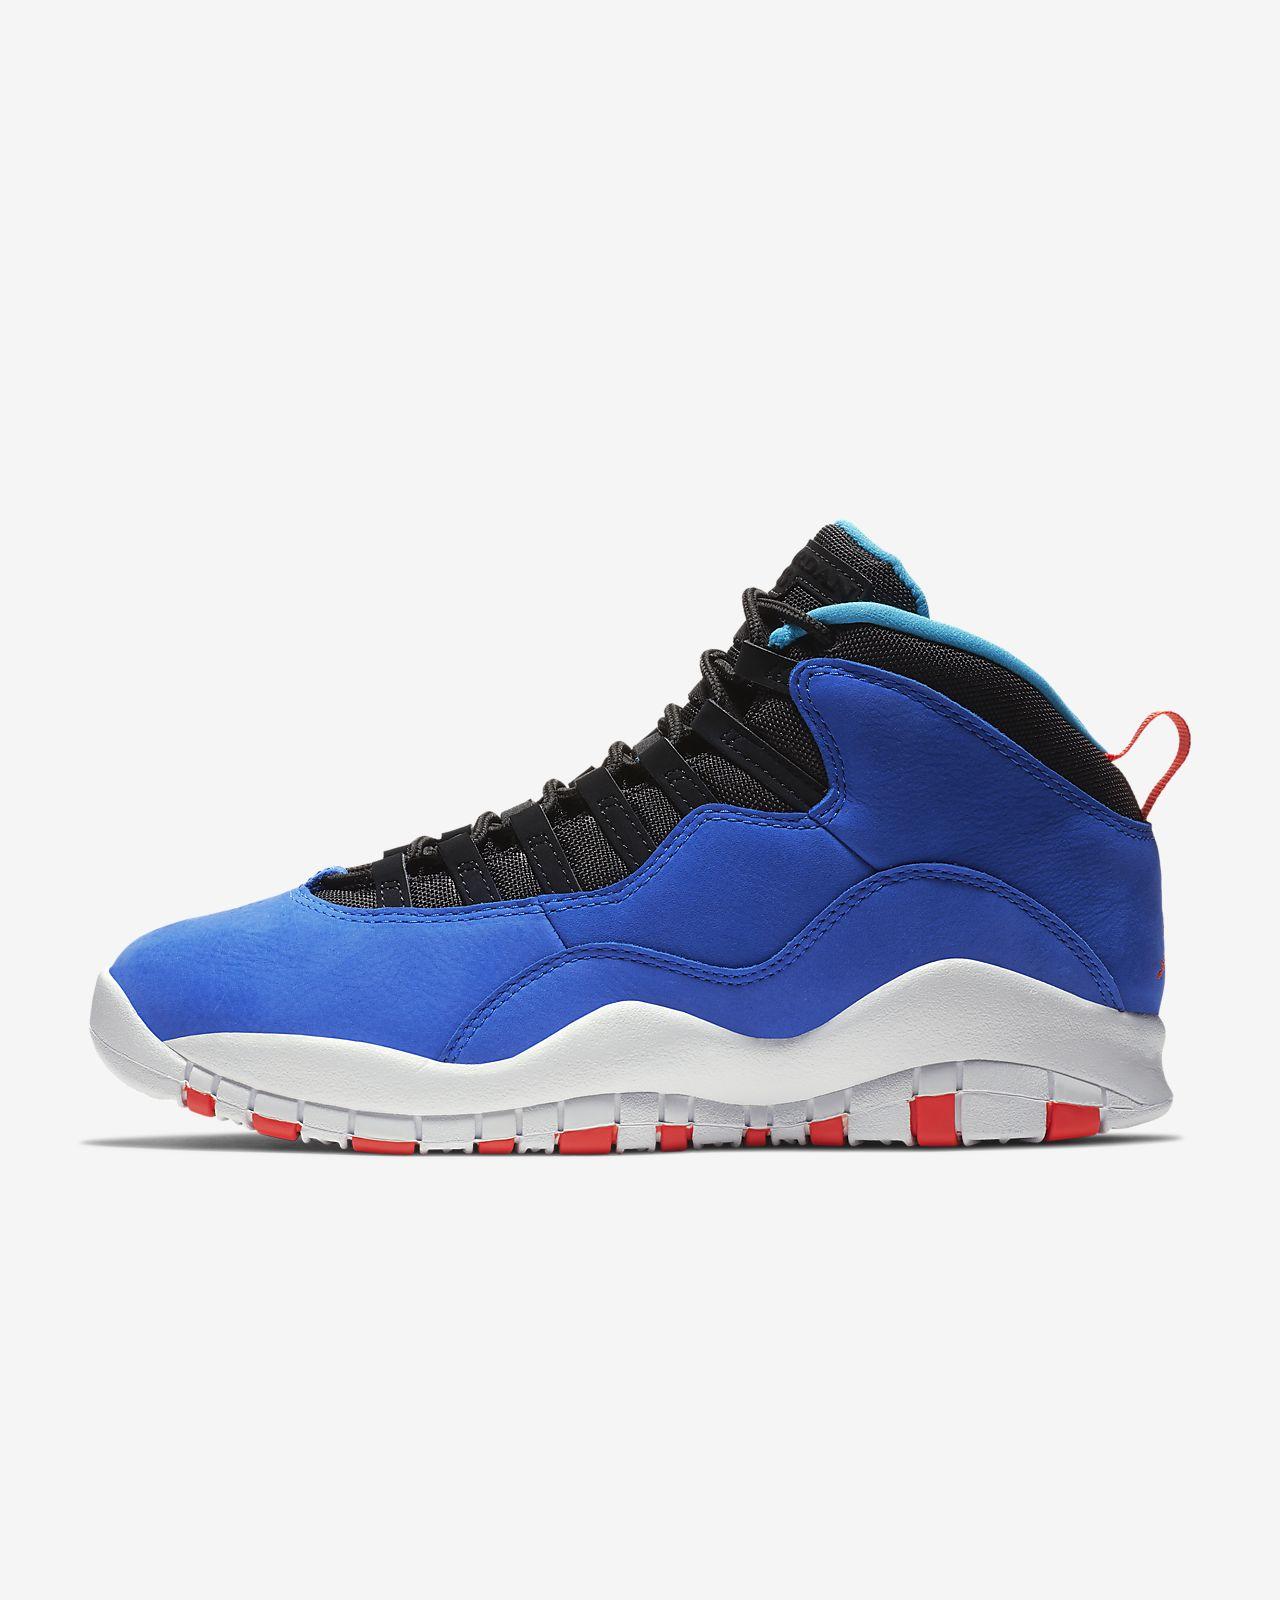 cf8a48a06621 Air Jordan 10 Retro Men s Shoe. Nike.com ZA